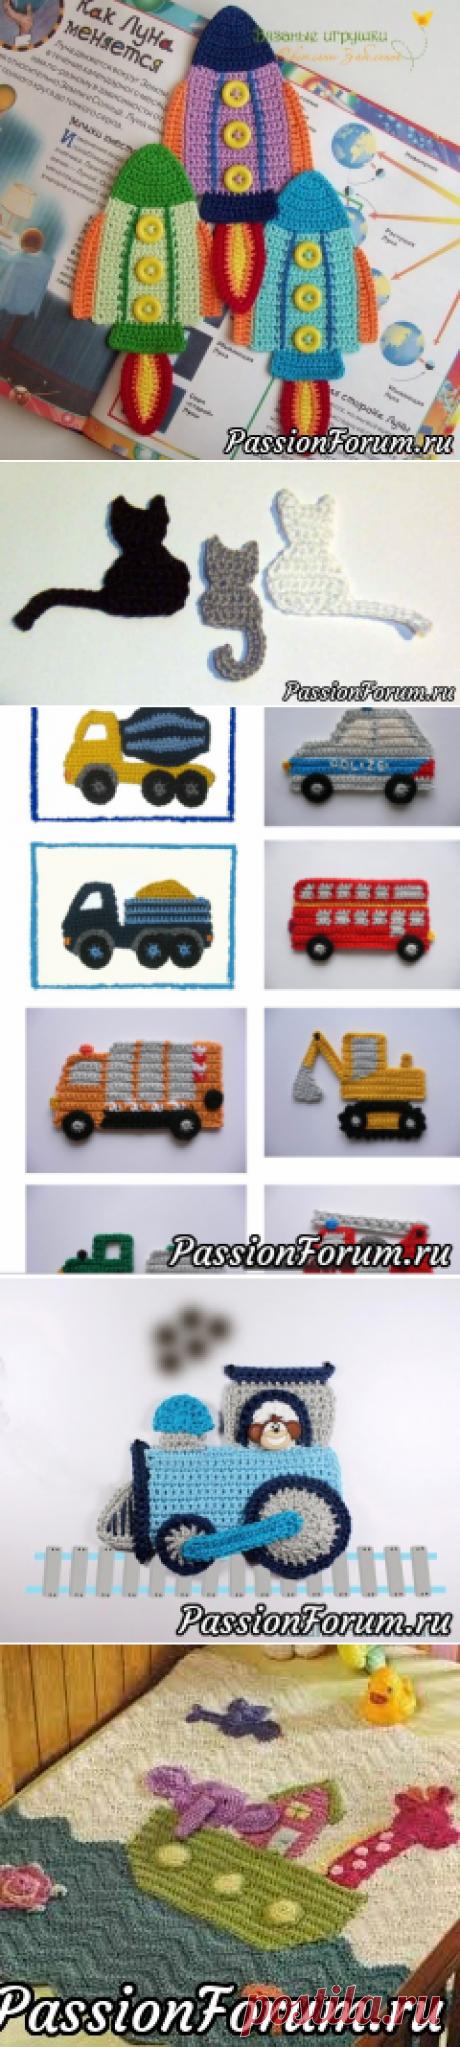 В дополнение к топику Нинули. Аппликация крючком для детской одежды (из интернета)